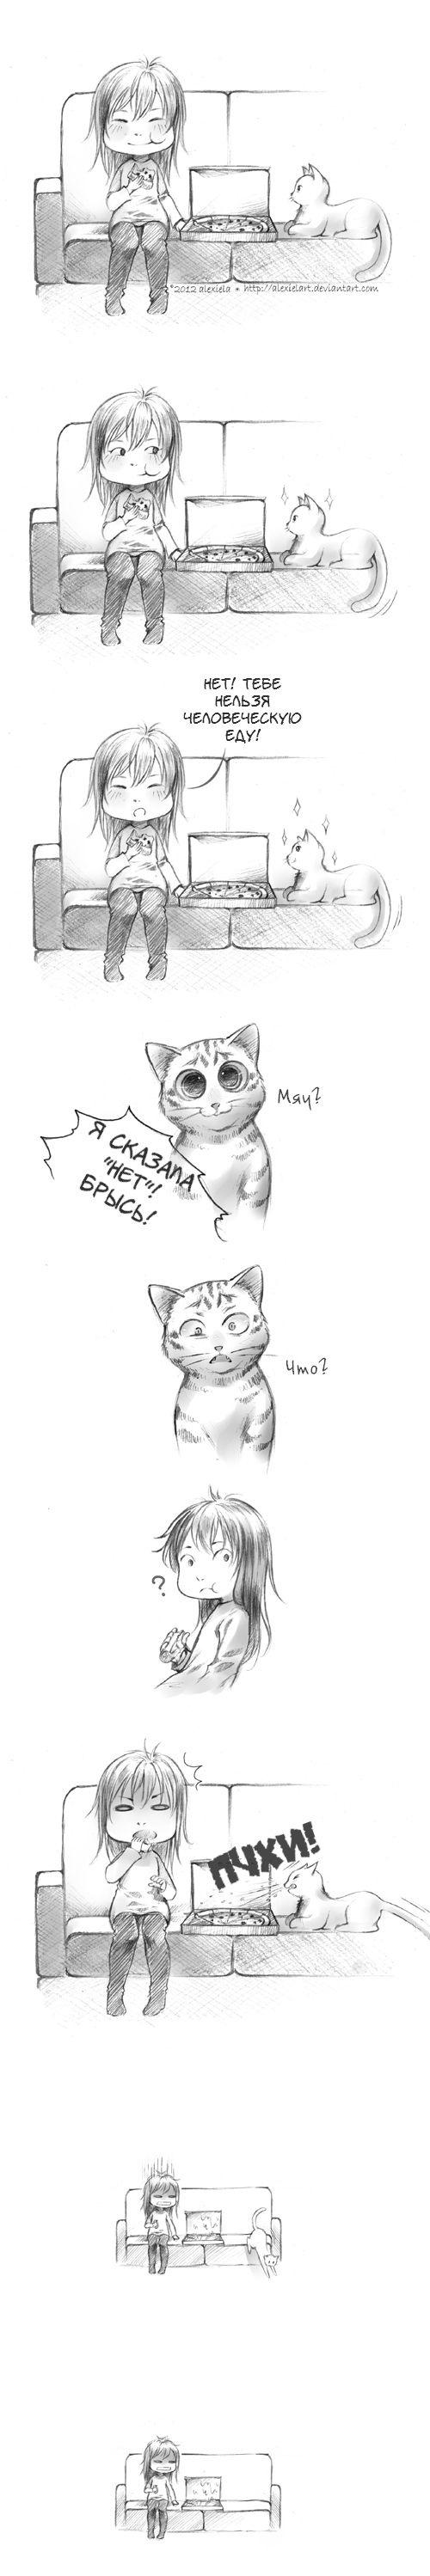 Смешные комиксы 03.11.2014 (19 картинок)